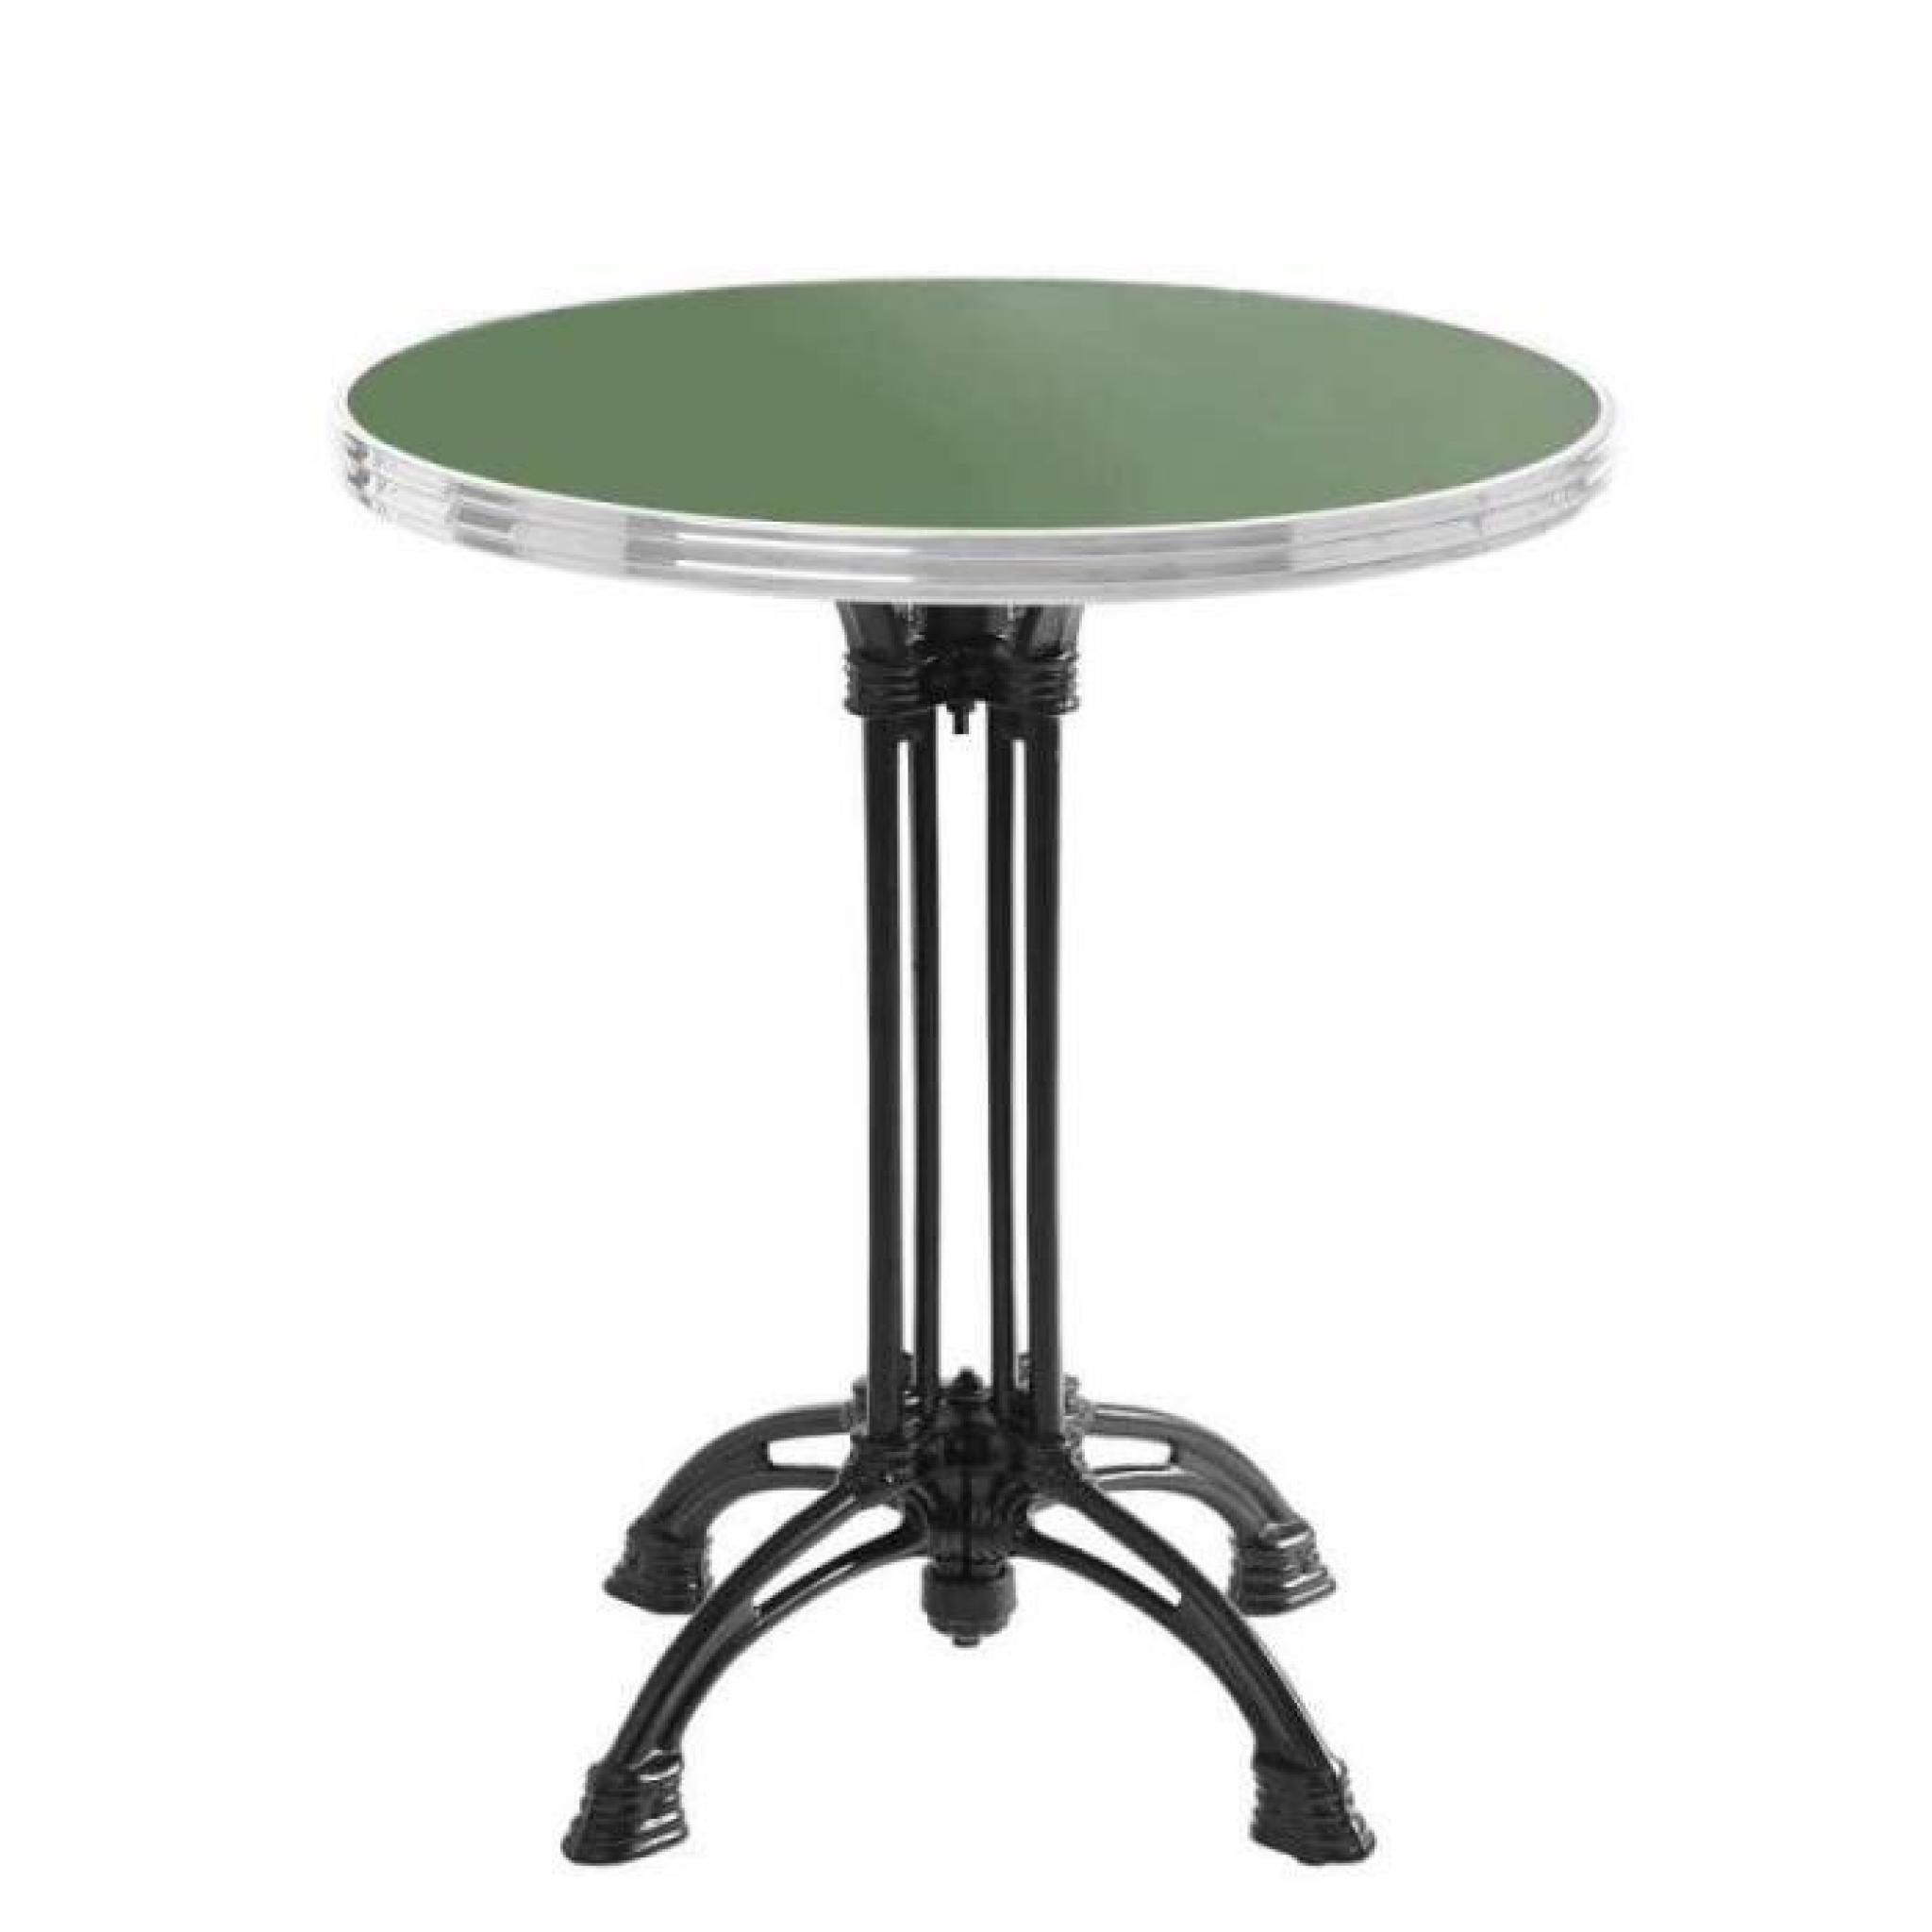 table bistrot ronde vert réséda avec cerclage en inox - h70 x d60 cm